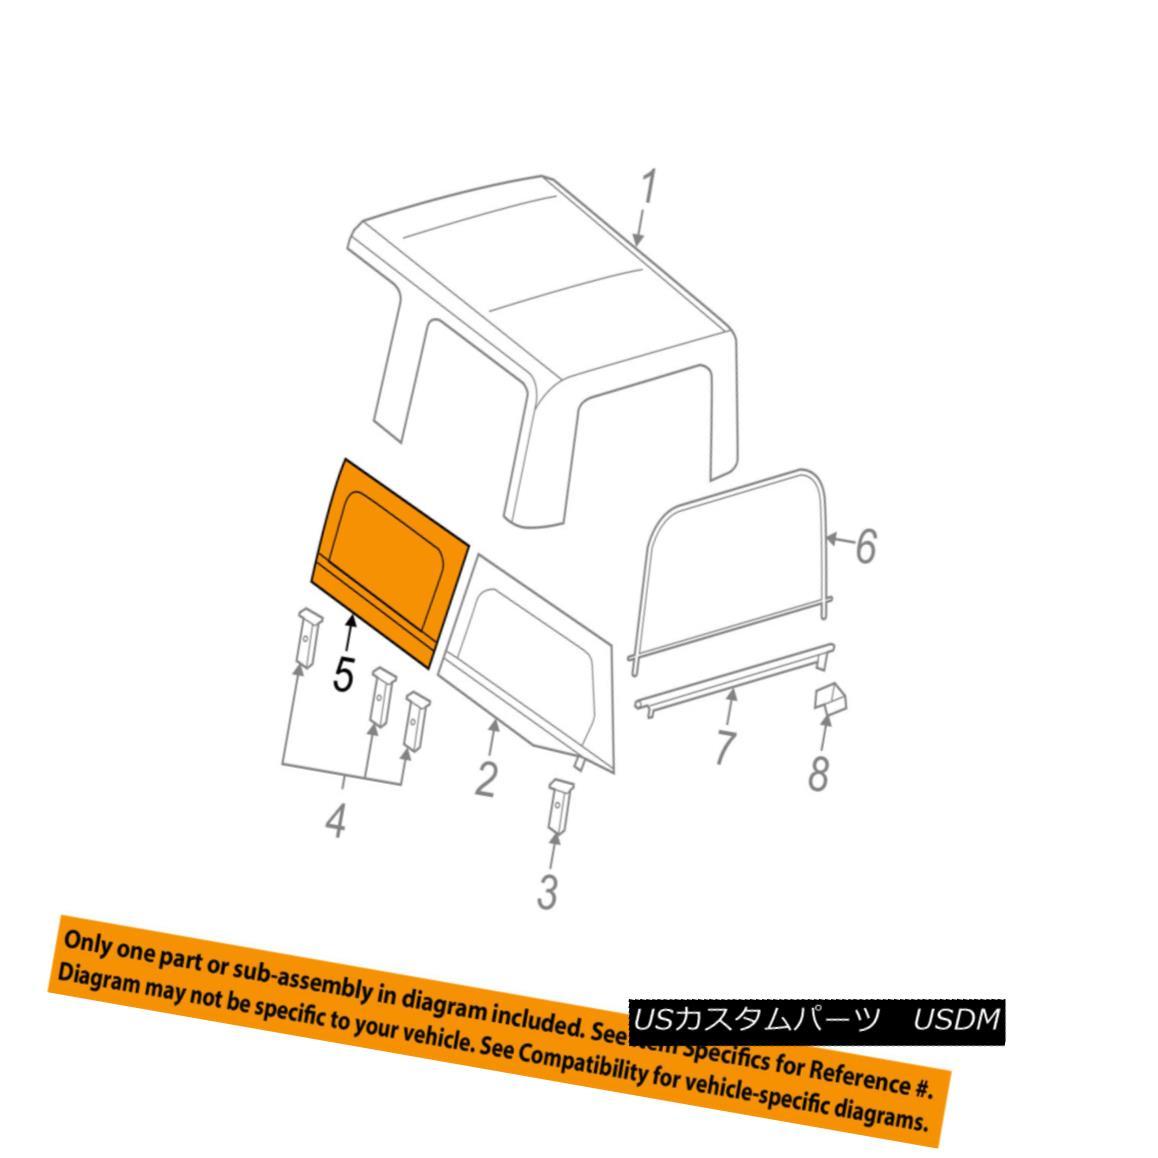 幌・ソフトトップ Jeep CHRYSLER OEM 08-10 Wrangler Convertible/soft Top-Side Glass Left 1HE03SX9AB ジープクライスラーOEM 08-10ラングラー・コンバーチブル/ so ft左上サイドガラス1HE03SX9AB